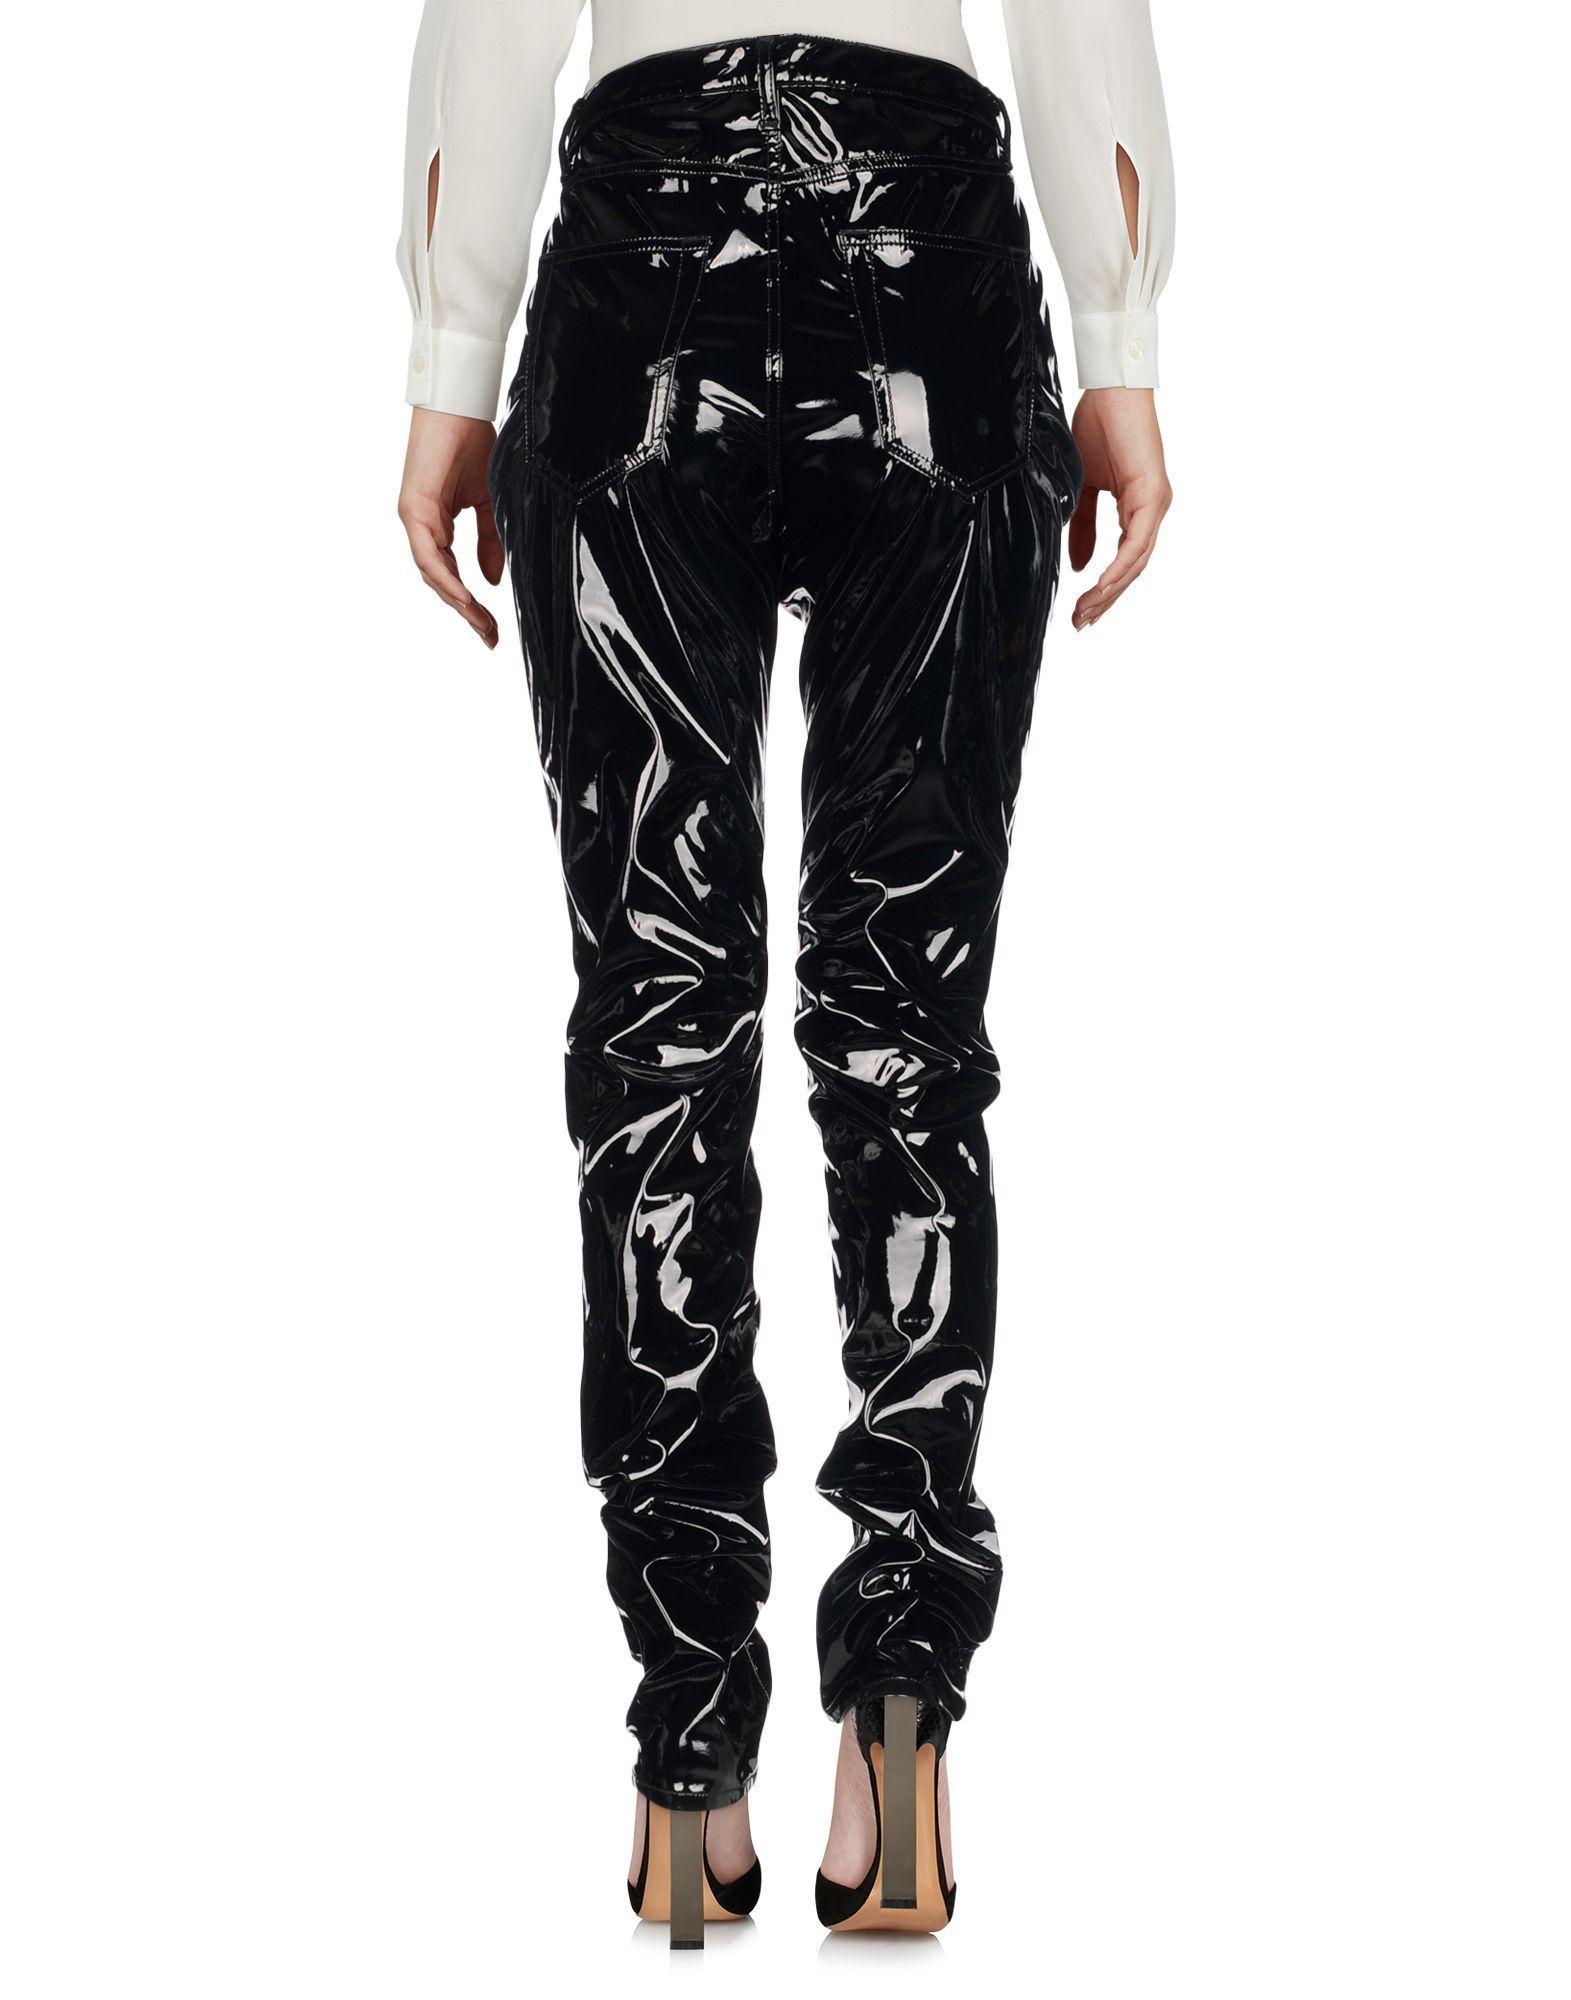 Saint Laurent Black Faux Leather Trousers